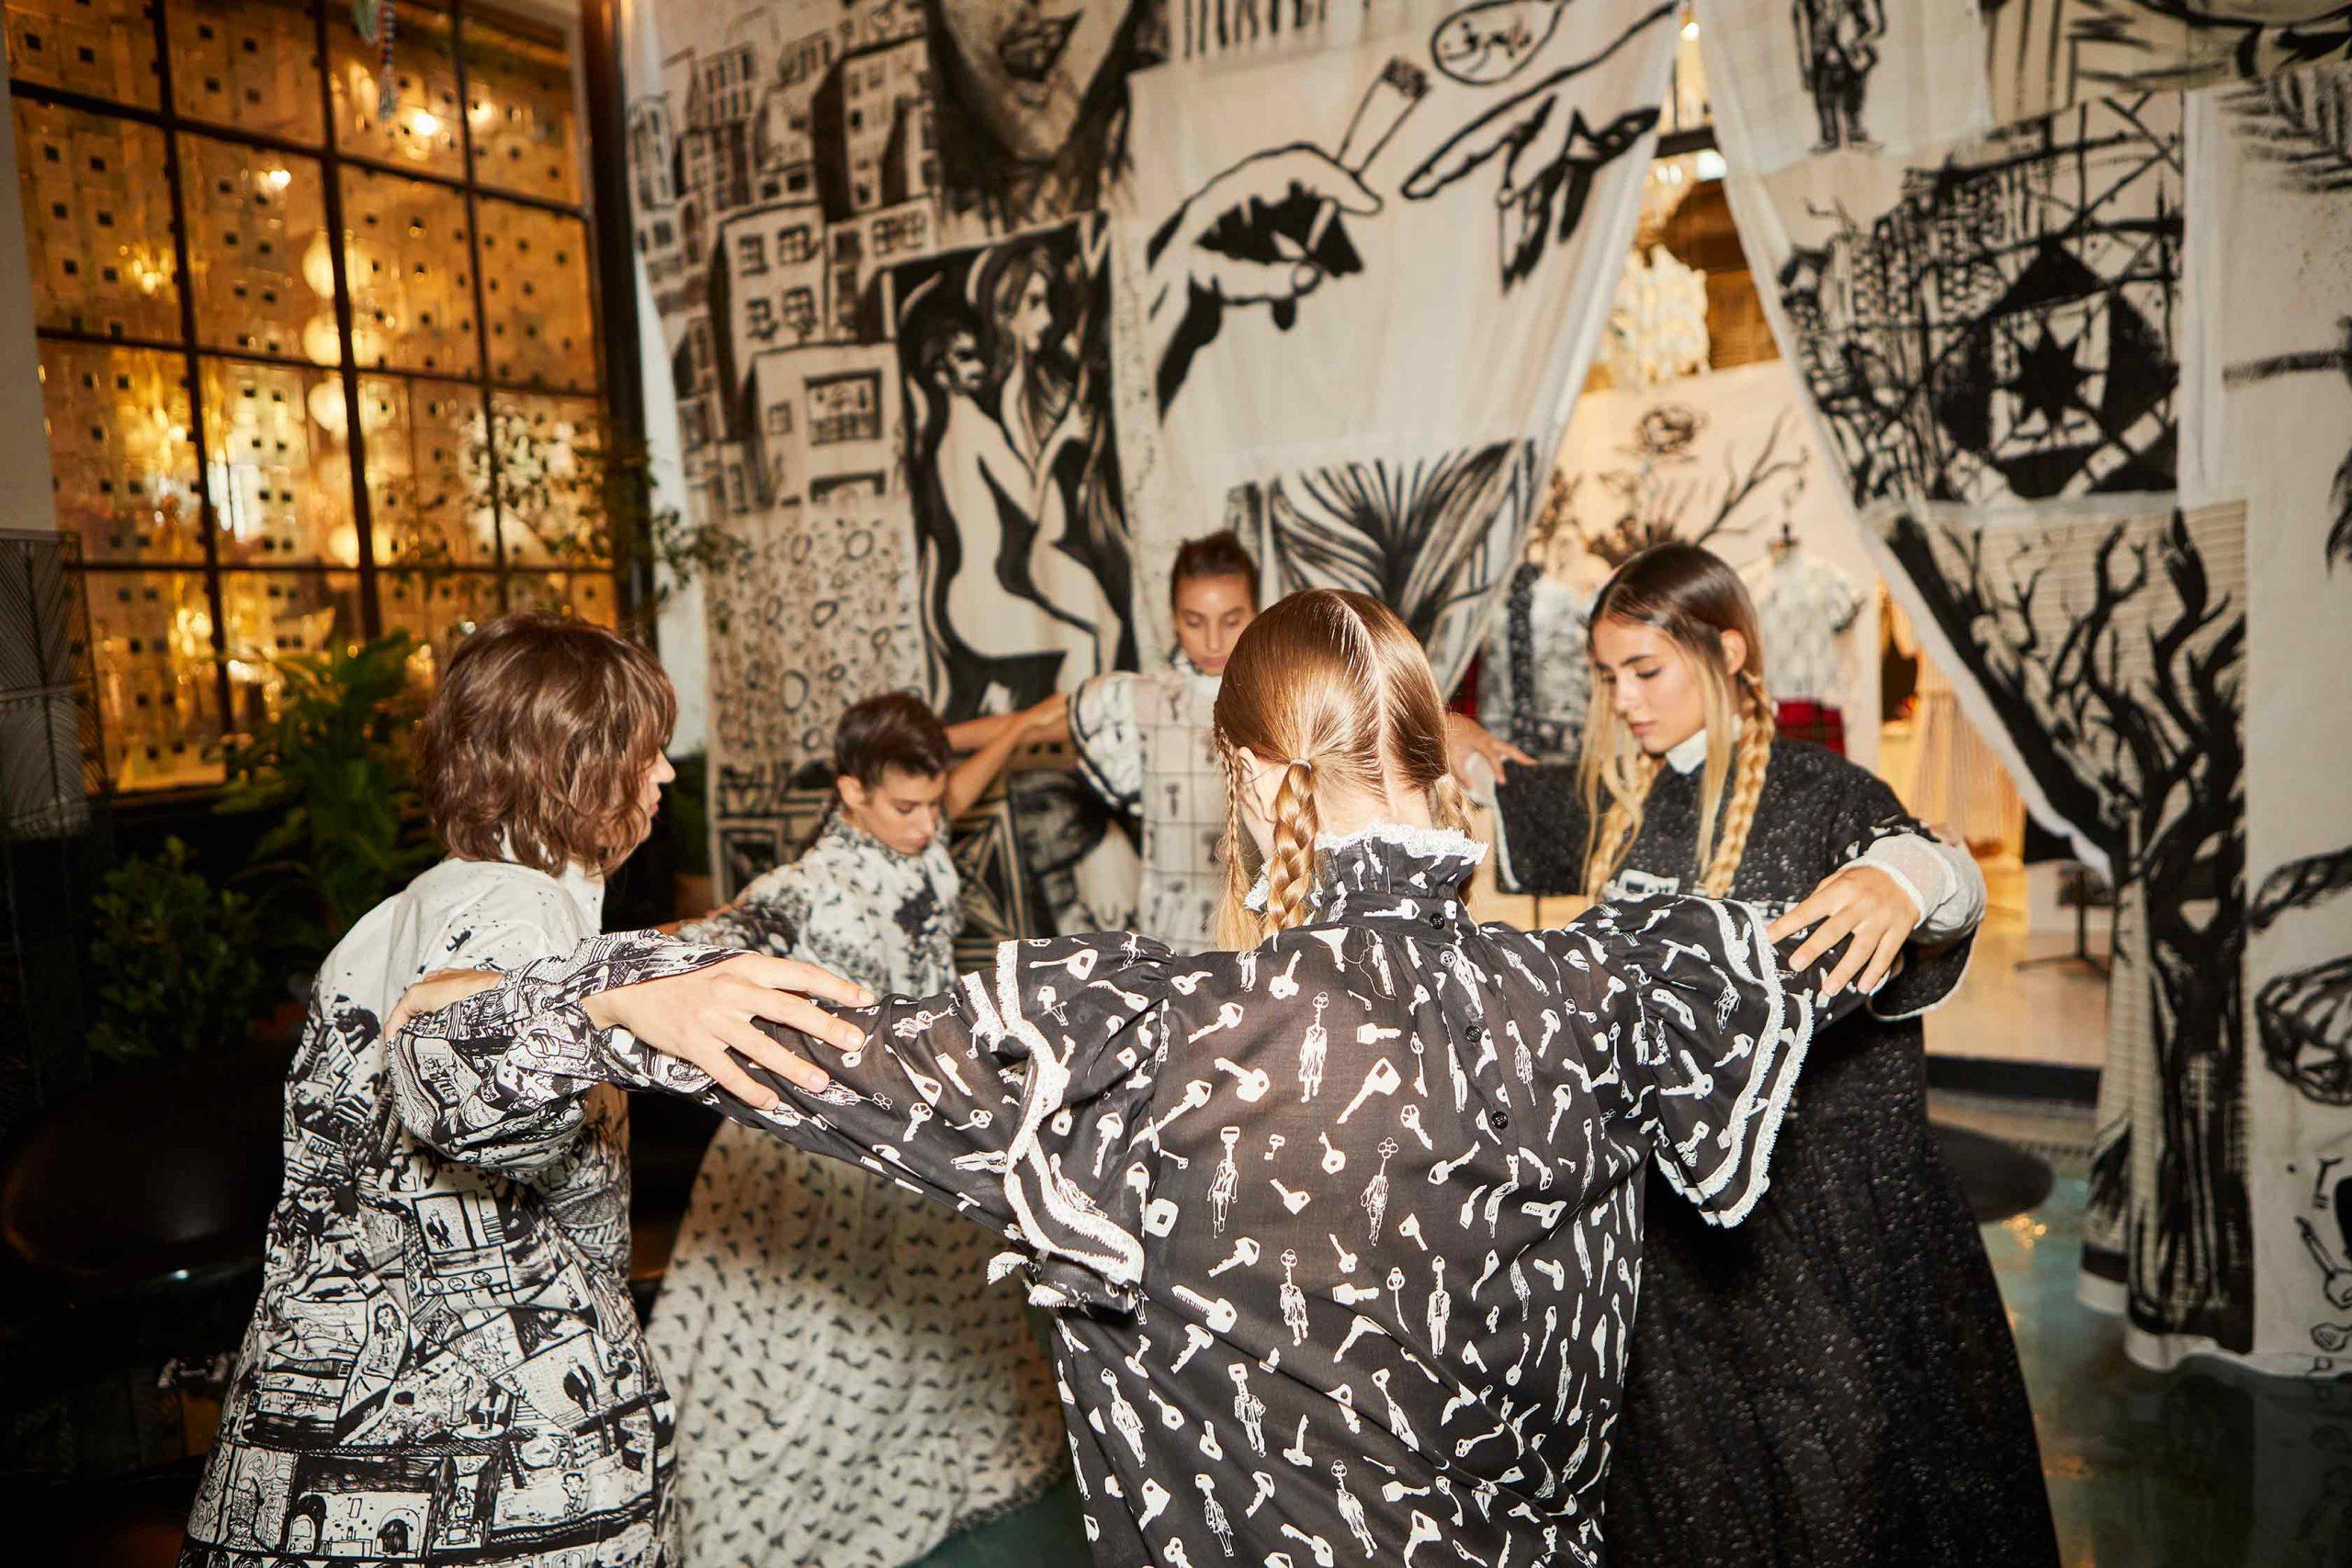 Melampo resilience collection at 10 Corso Como - installation - dancer - photo 2